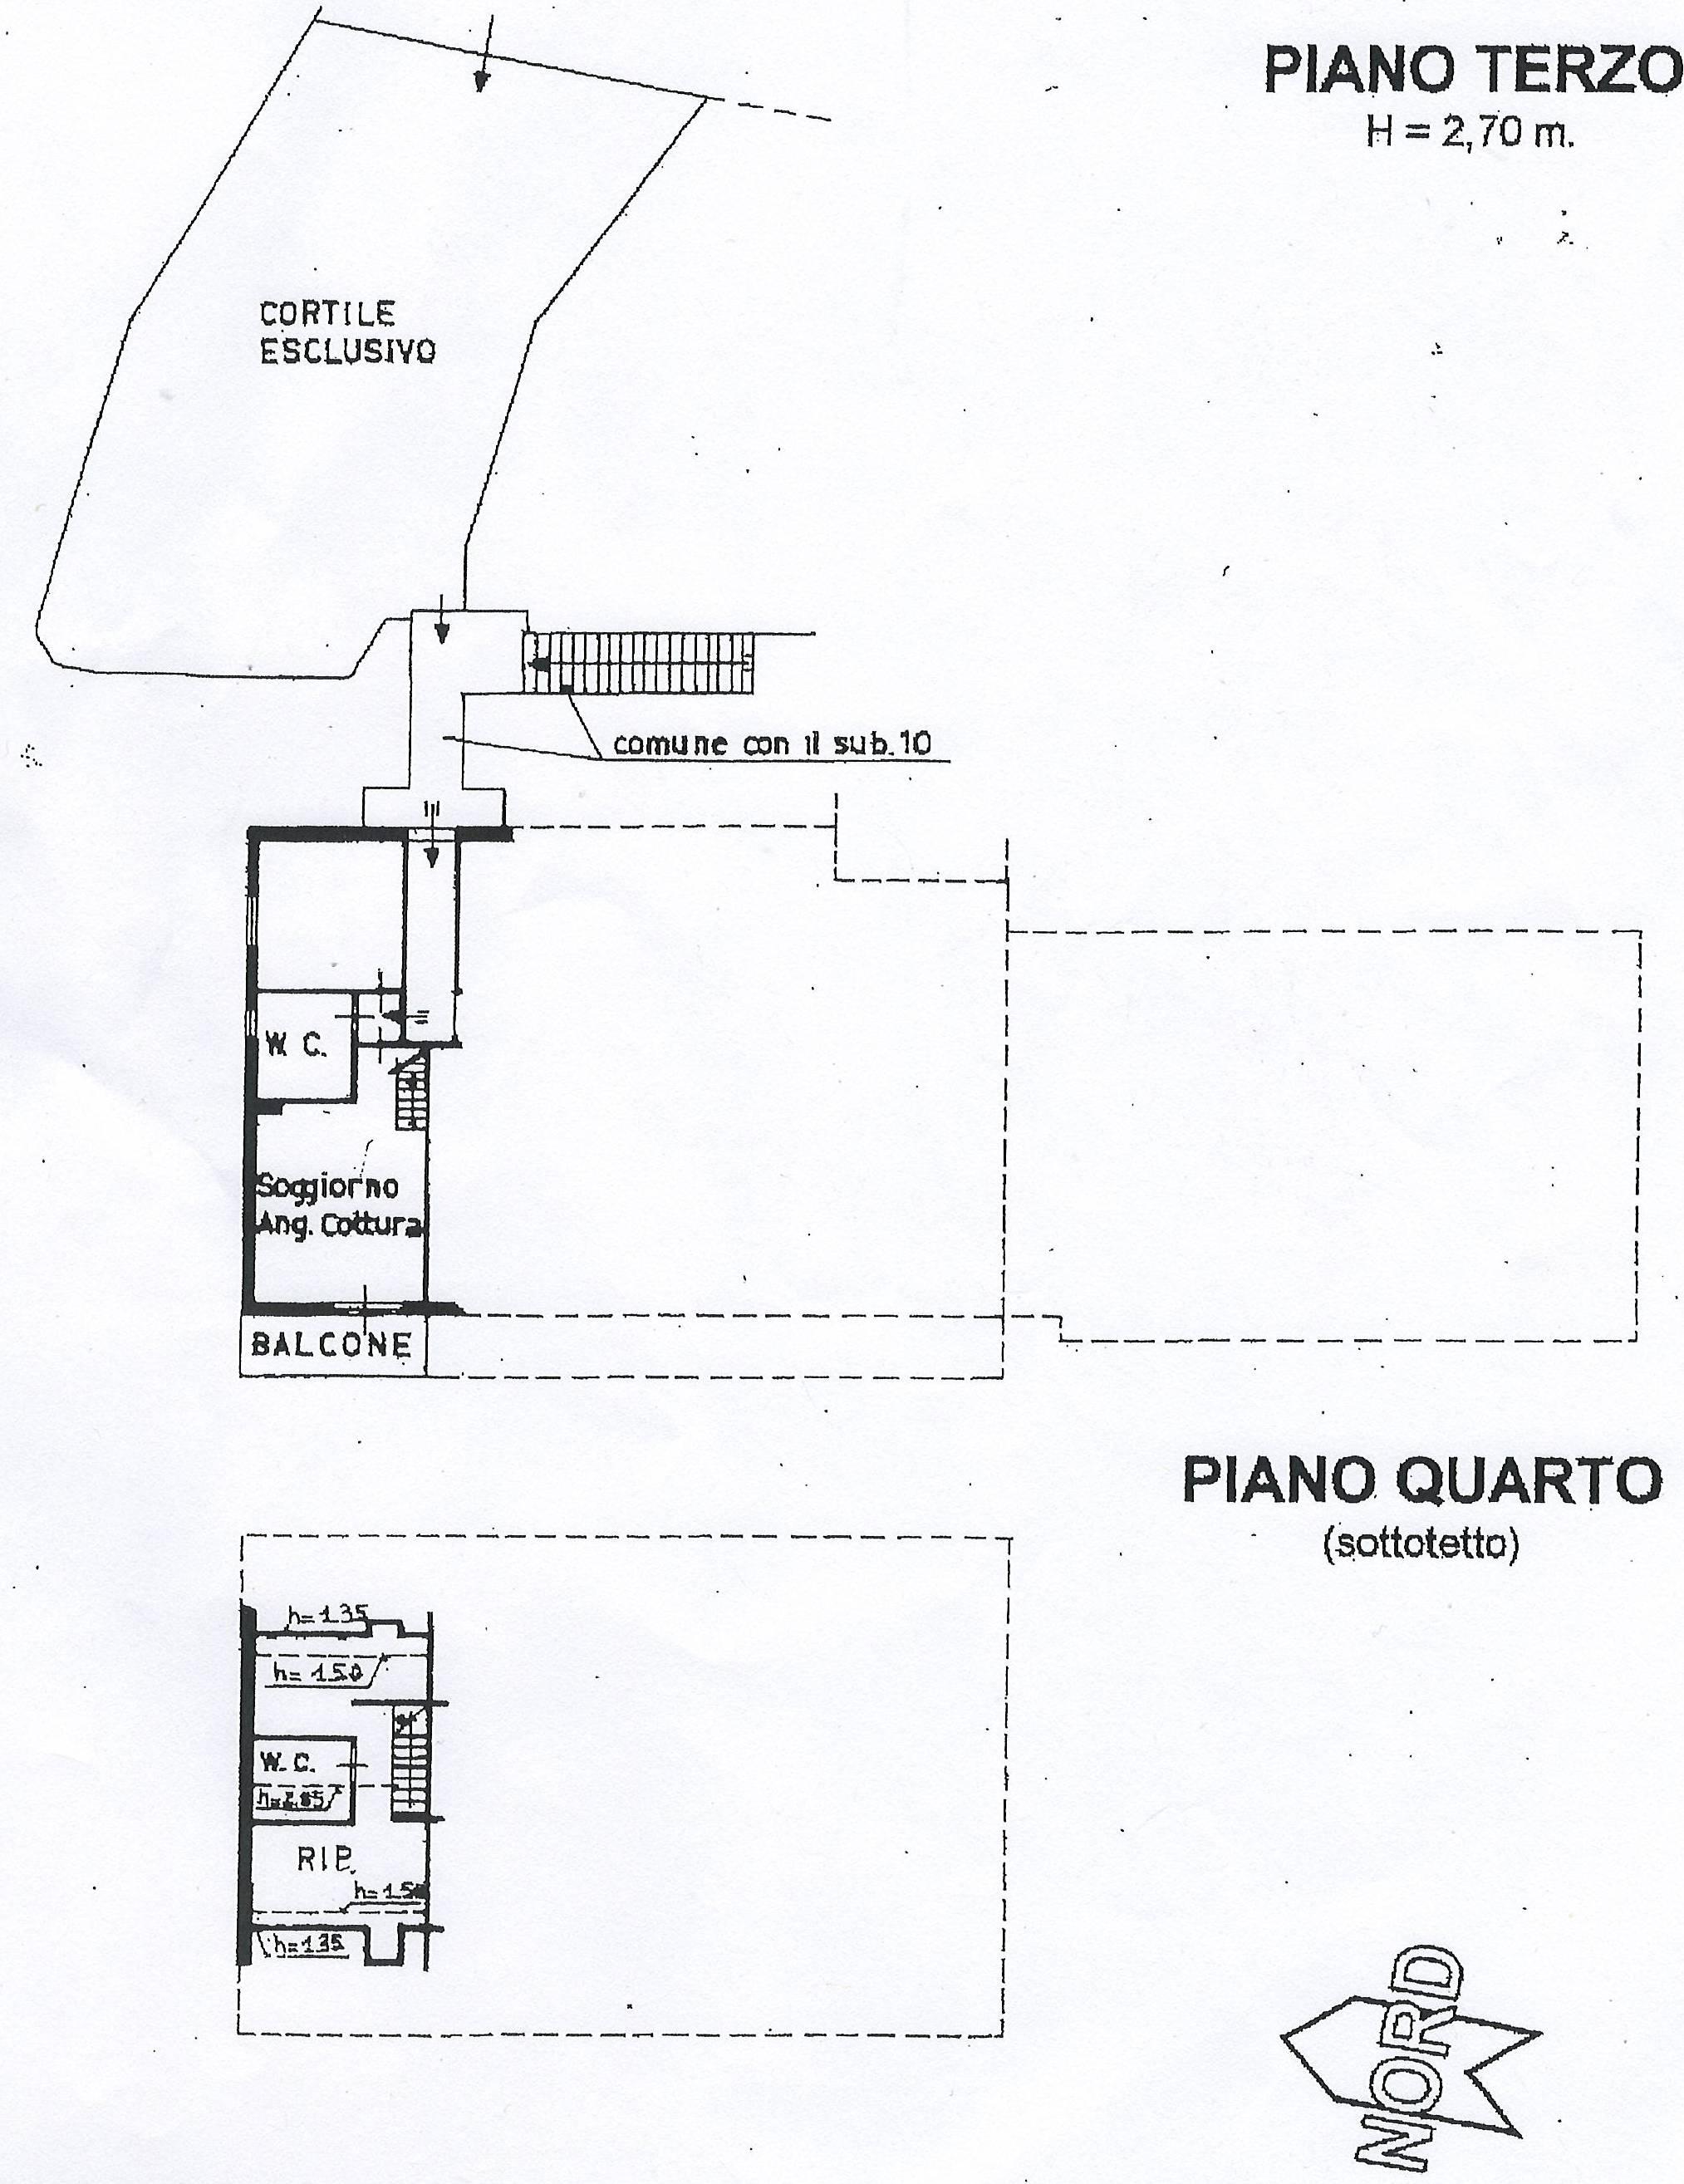 Appartamento ed accessori